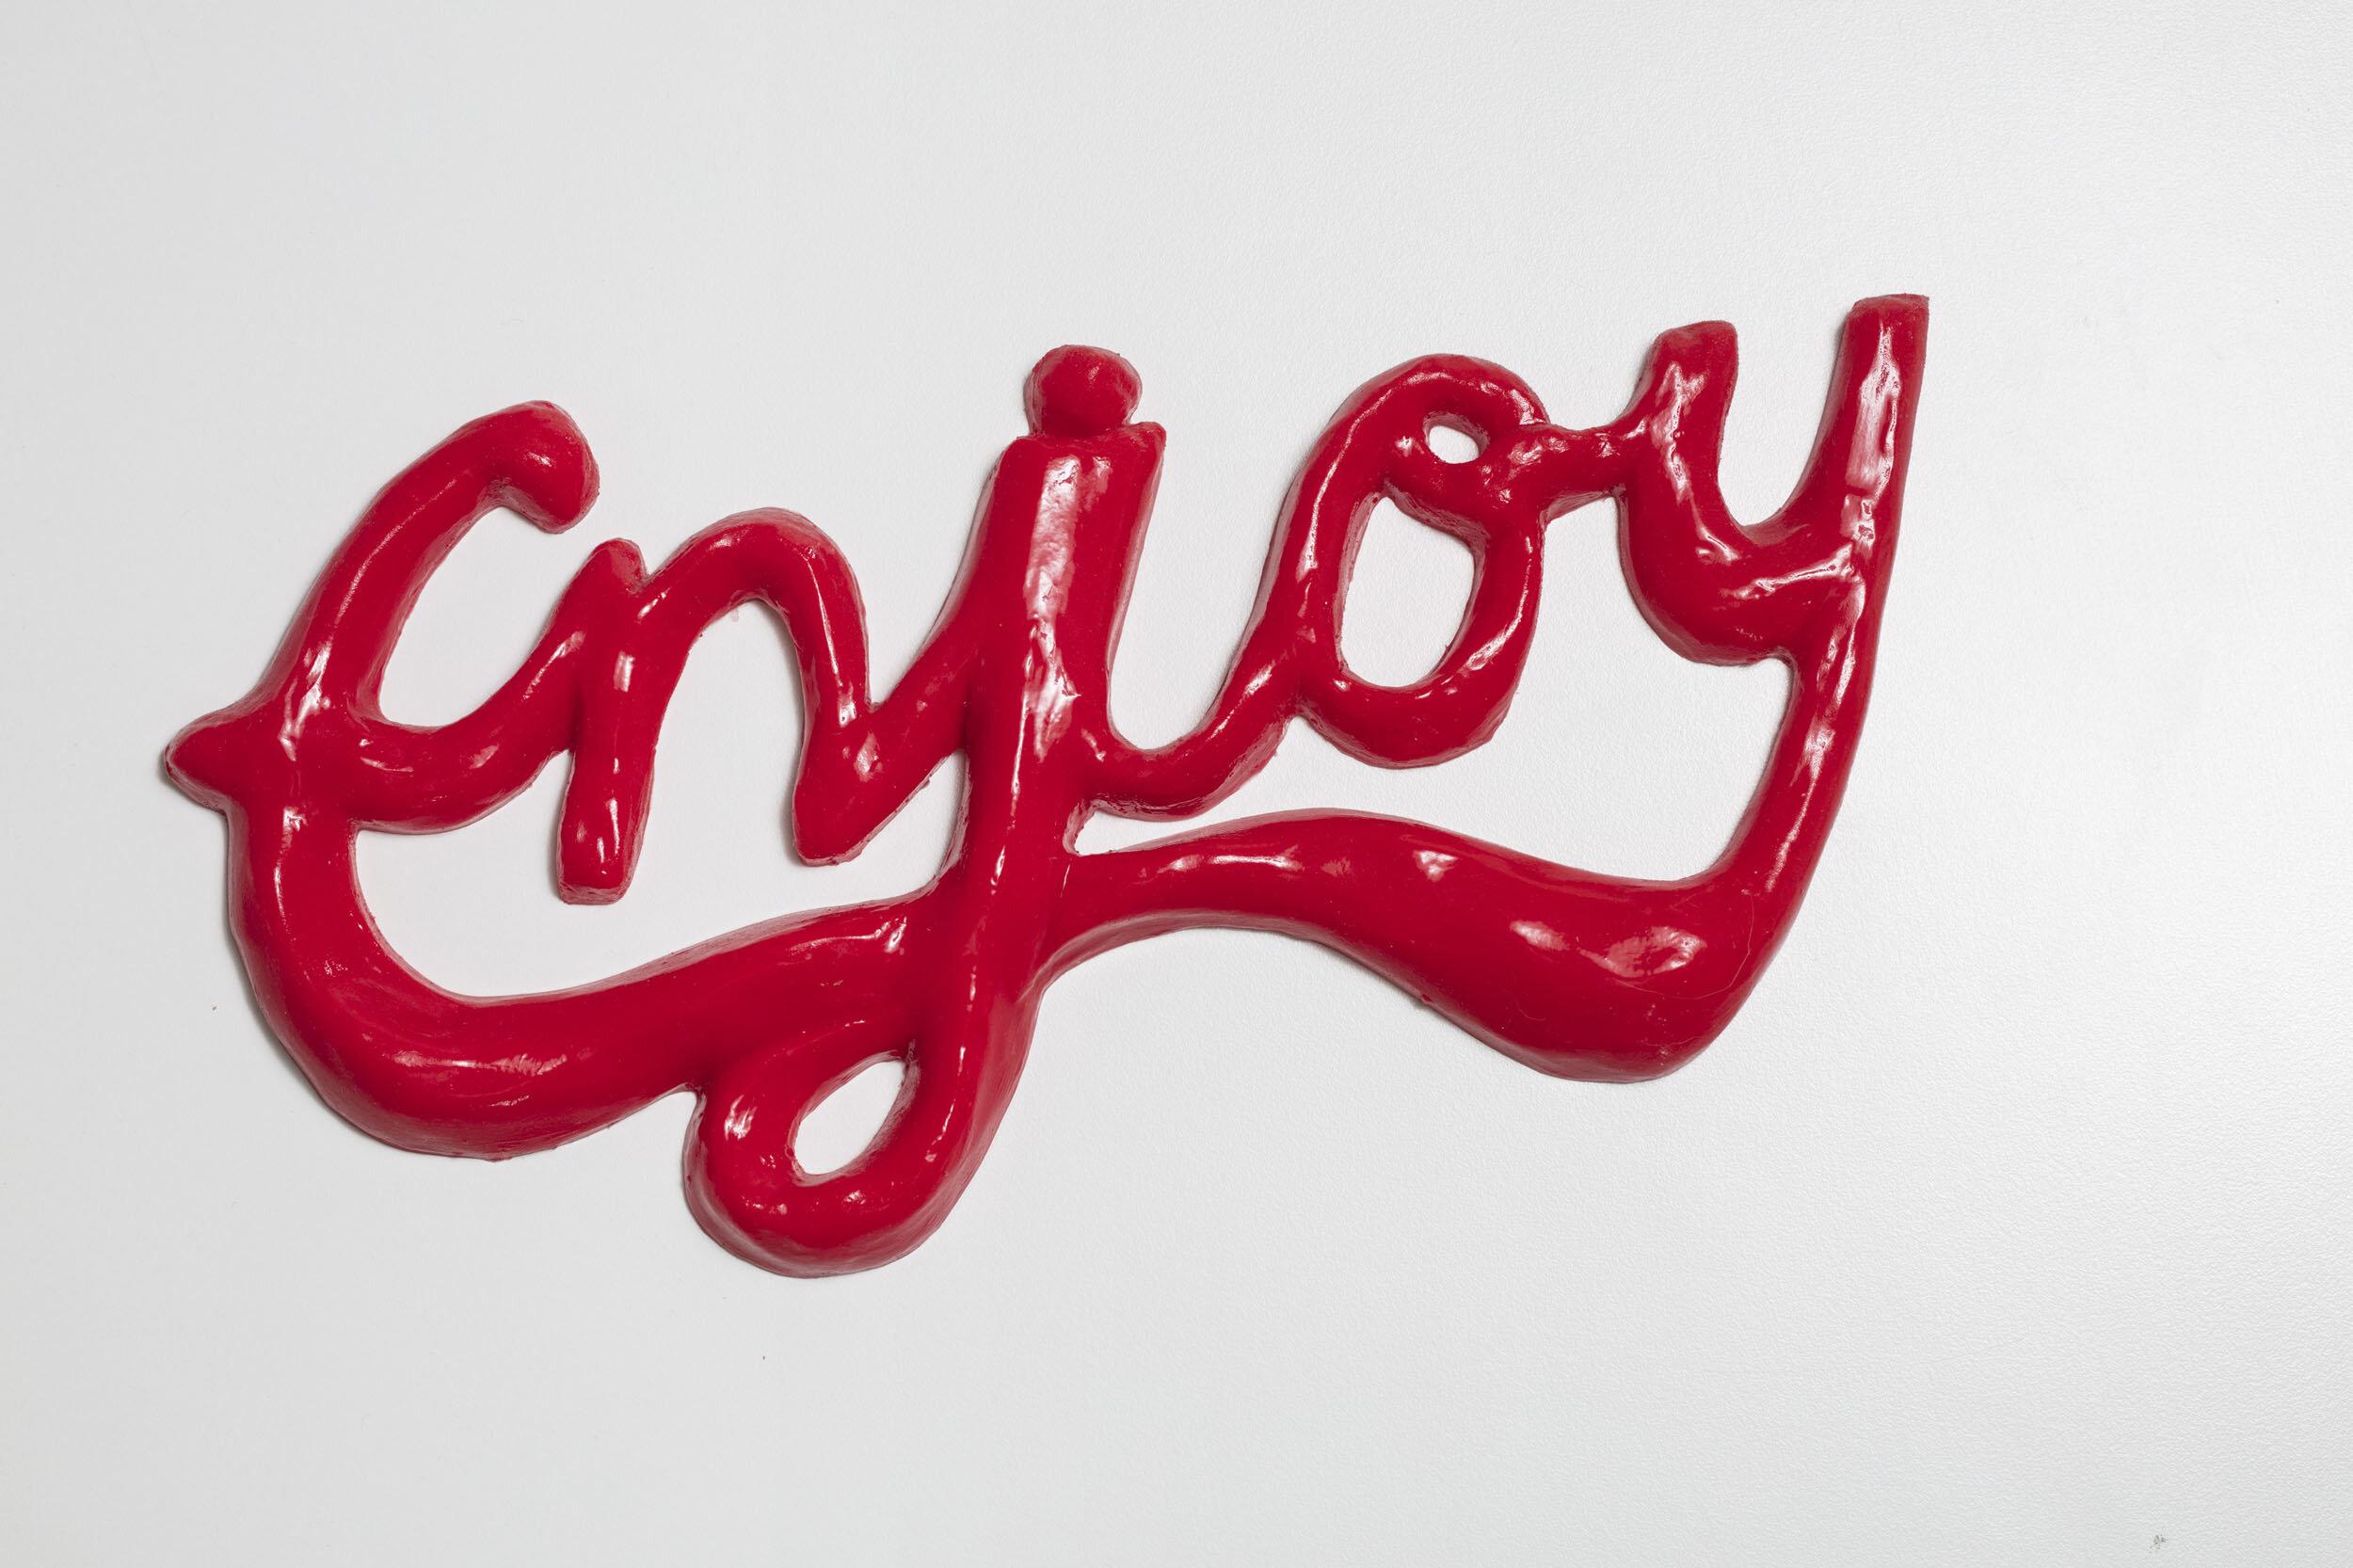 Rebecka Bebben Andersson   Enjoy  2013 Signerad, daterad och numrerad 6/10 a tergo  Röd silikon 16,5 x 33 cm